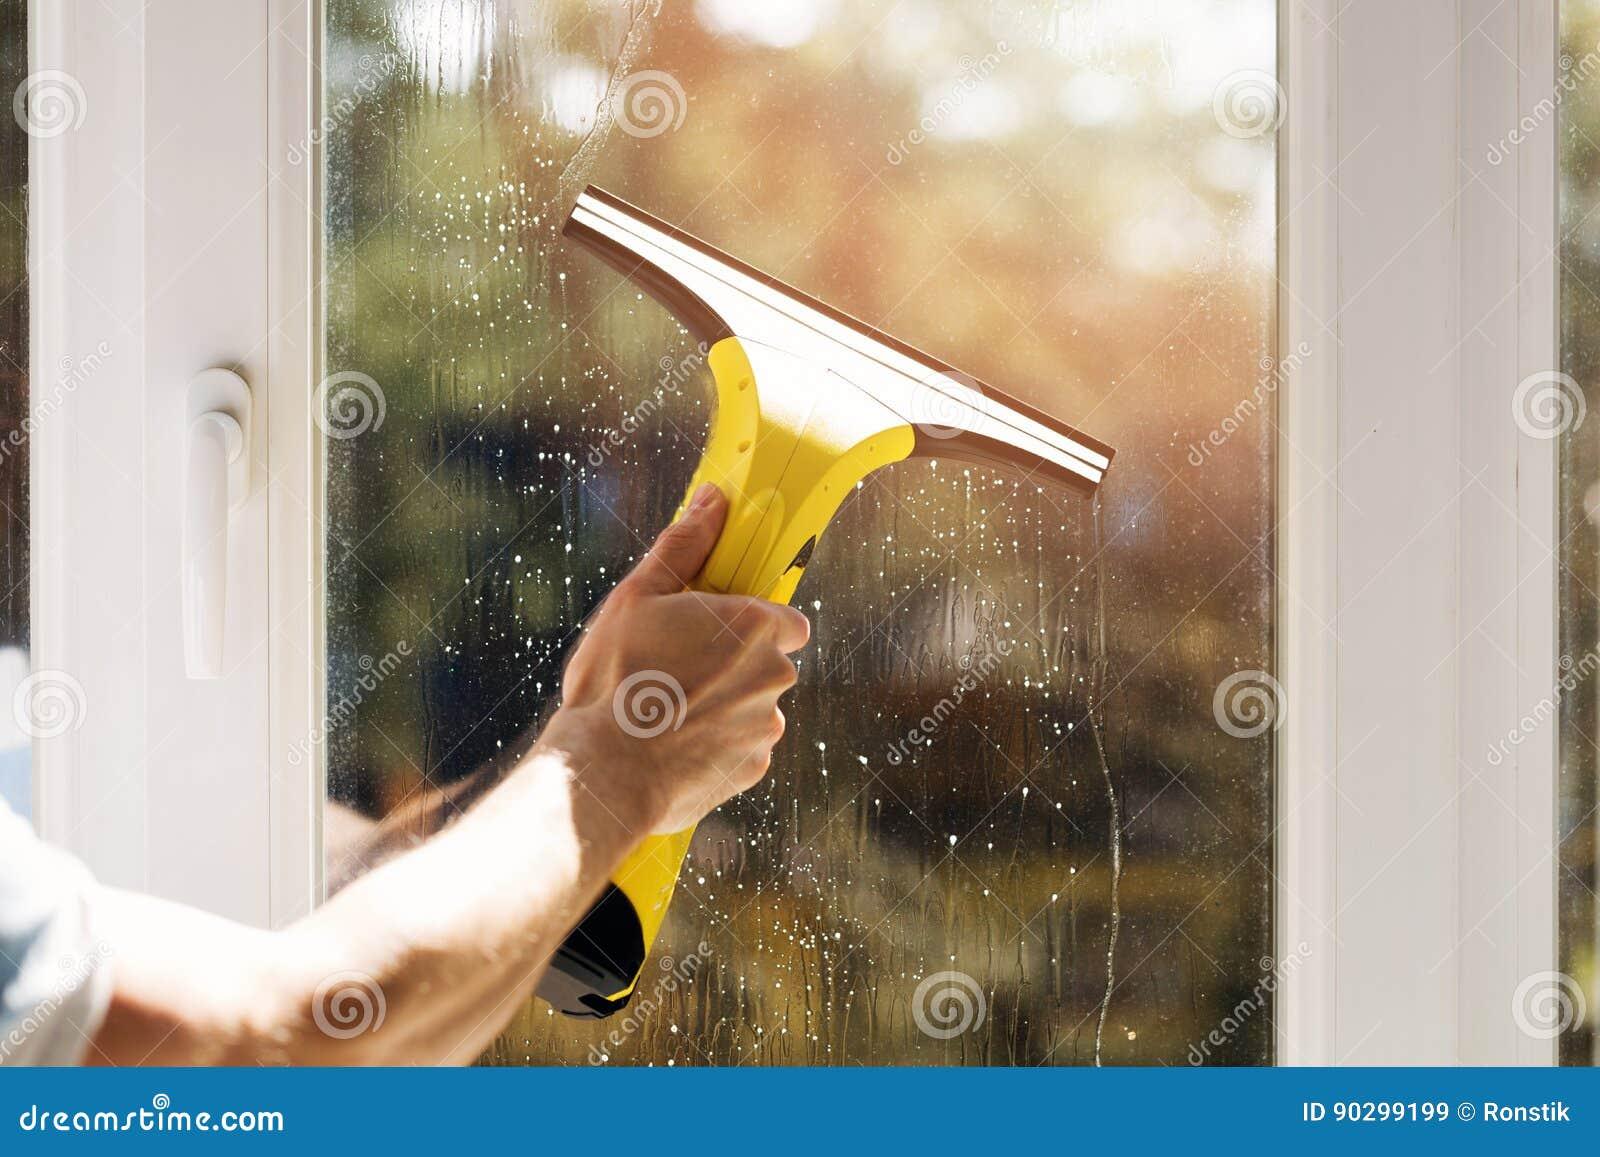 Hand schoonmakend venster met stofzuiger